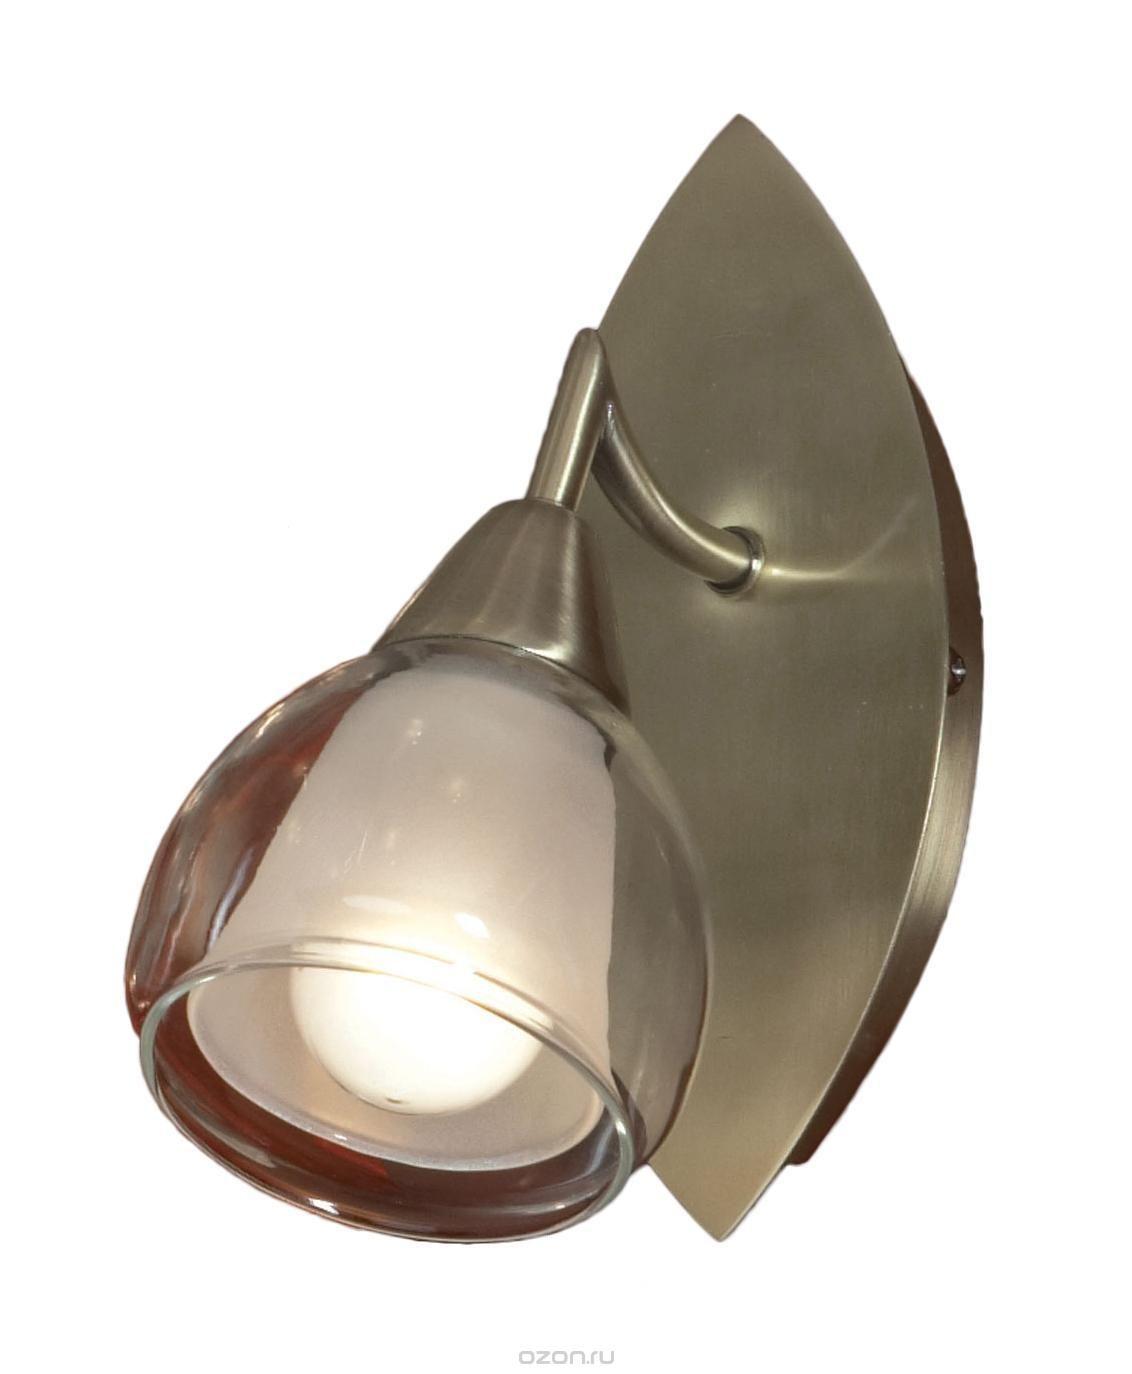 Бра Lussole. LSP-0026LSX-1001-02/LSP-0026Настенный светильник LUSSOLE в стиле модерн, выполненный из металла и стекла, отлично впишется в интерьер вашего дома. Он хорошо смотрится как в классическом, так и в современном помещении. Светильники и люстры - предметы, без которых мы не представляем себе комфортной жизни. Сегодня функции люстры не ограничиваются освещением помещения. Она также является центральной фигурой интерьера, подчеркивает общий стиль помещения, создает уют и дарит эстетическое удовольствие. Материал: металл, стекло. Размеры светильника: 19 х 16 х 8 см. Количество лампочек: 1 (не входит в комплект). Lussole - это современная компания - один из лидеров по дизайну, производству и продажам декоративных и интерьерных светильников. Огромный ассортимент Lussole включает в себя: люстры, торшеры, настольные лампы, бра, светильники для детских и ванных комнат, а так же влагозащищенные светильники. Компания Lussole постоянно эволюционирует. Расширяется...